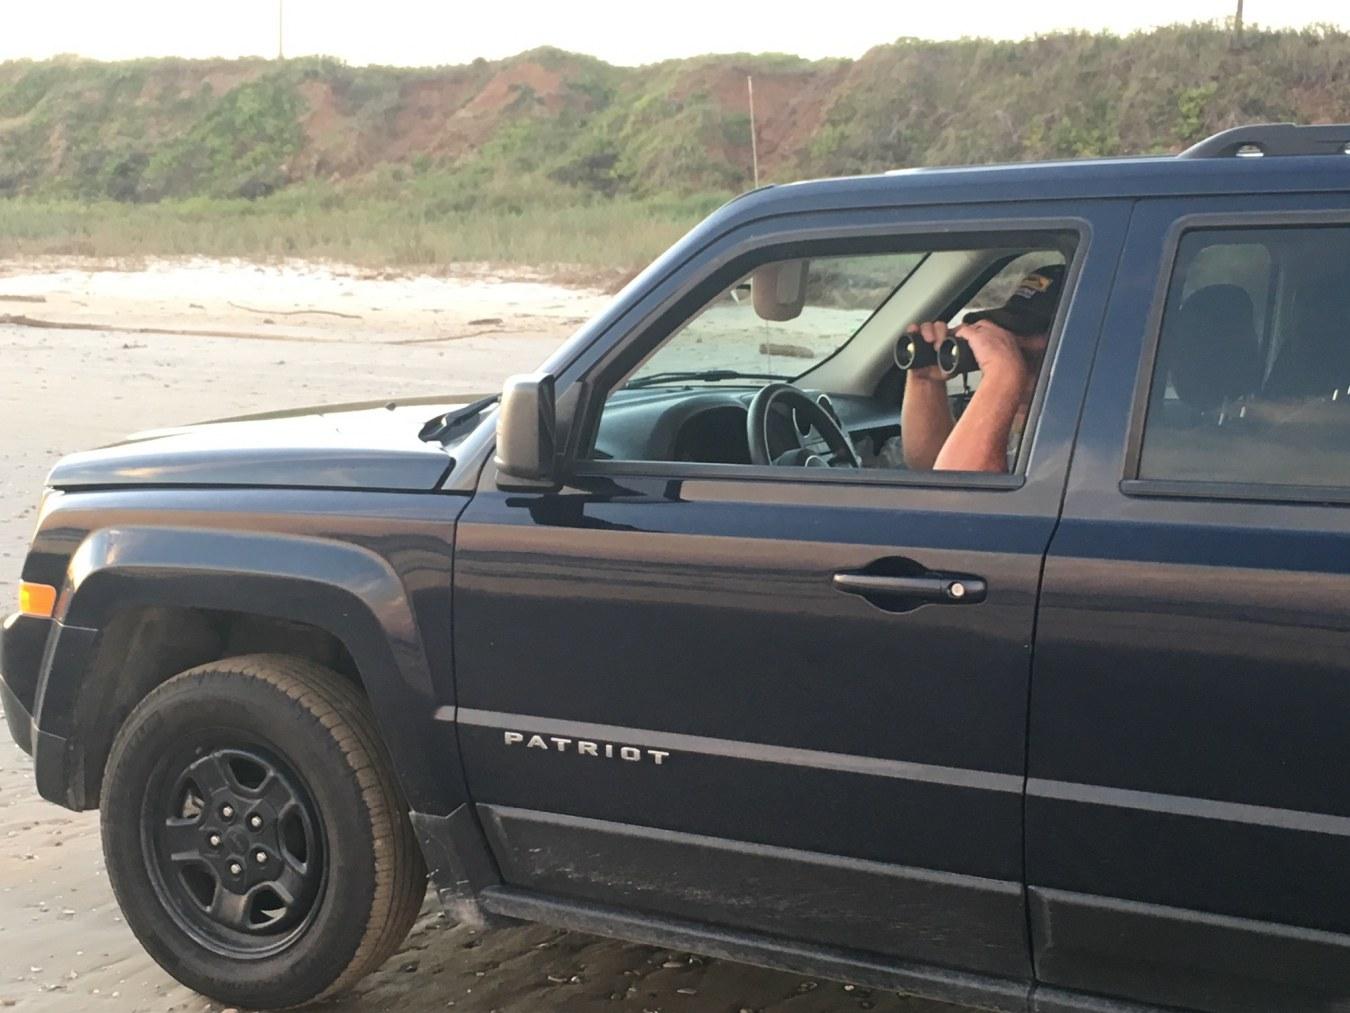 Birding Galveston By Car